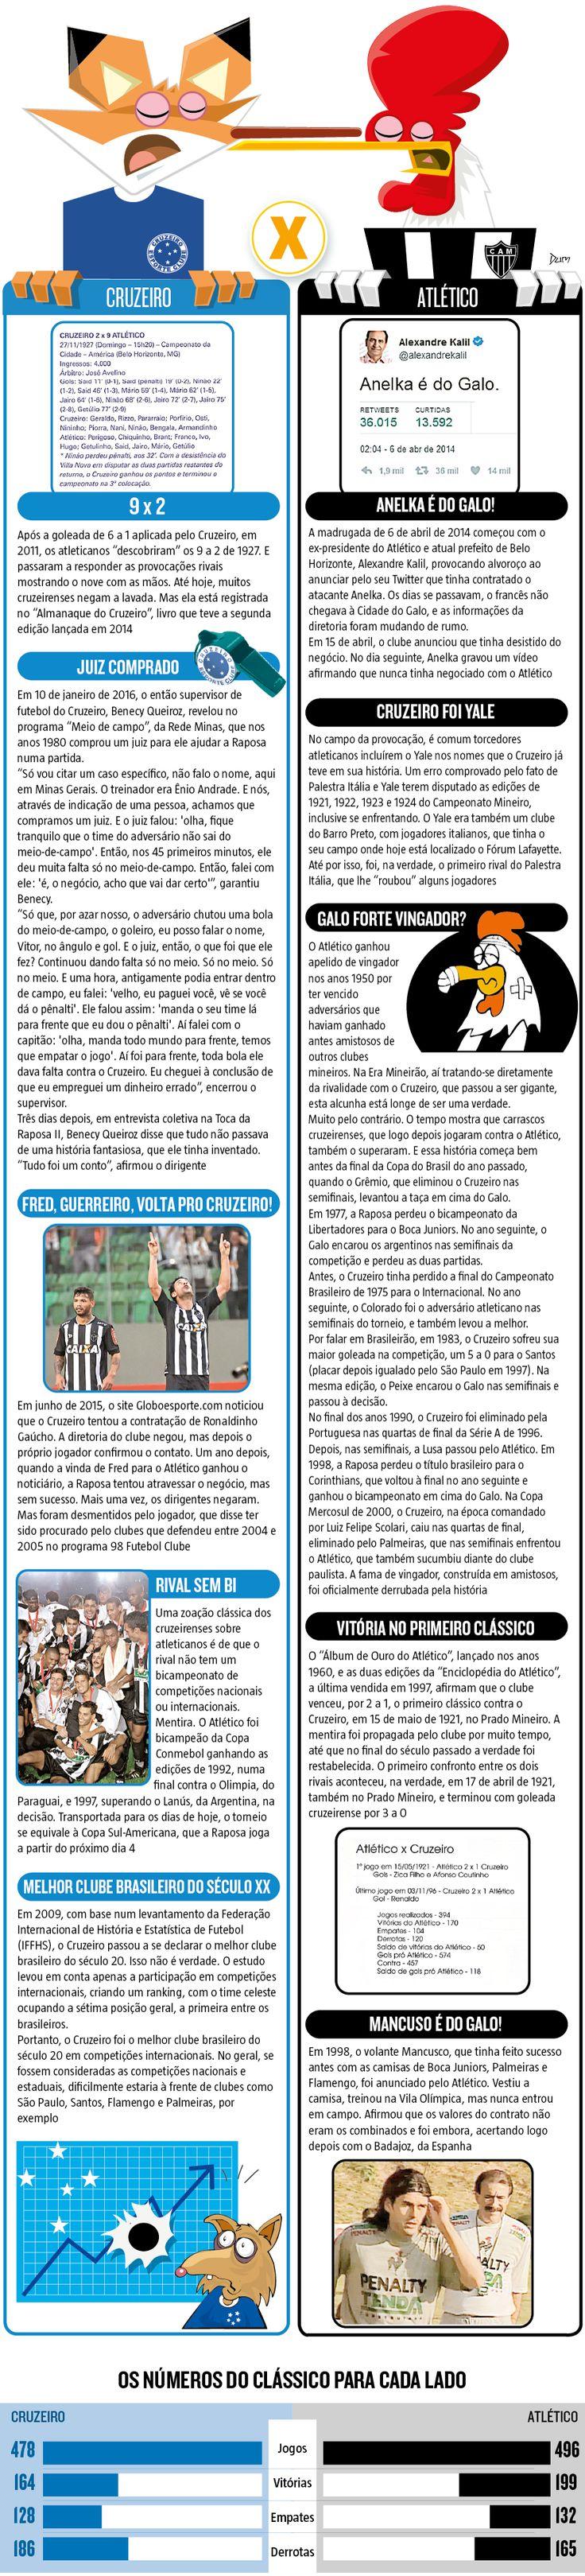 """Belo Horizonte se movimenta para o clássico entre #Atlético e #Cruzeiro e, quando as torcidas olham o calendário do jogo, descobrem que a partida mais importante do futebol mineiro, tradicionalmente disputada aos domingos, será no sábado. """"Mentira?"""". Verdade! Neste #1ºDeAbril, a bola vai rolar no Mineirão para um dos maiores dérbis do país. (31/03/2017) #DiaDaMentira #Mentira #Mentiras #Galo #AtléticoMineiro #Mineiro #Estadual #CampeonatoMineiro #Clássico #Infográfico #Infografia #HojeEmDia"""